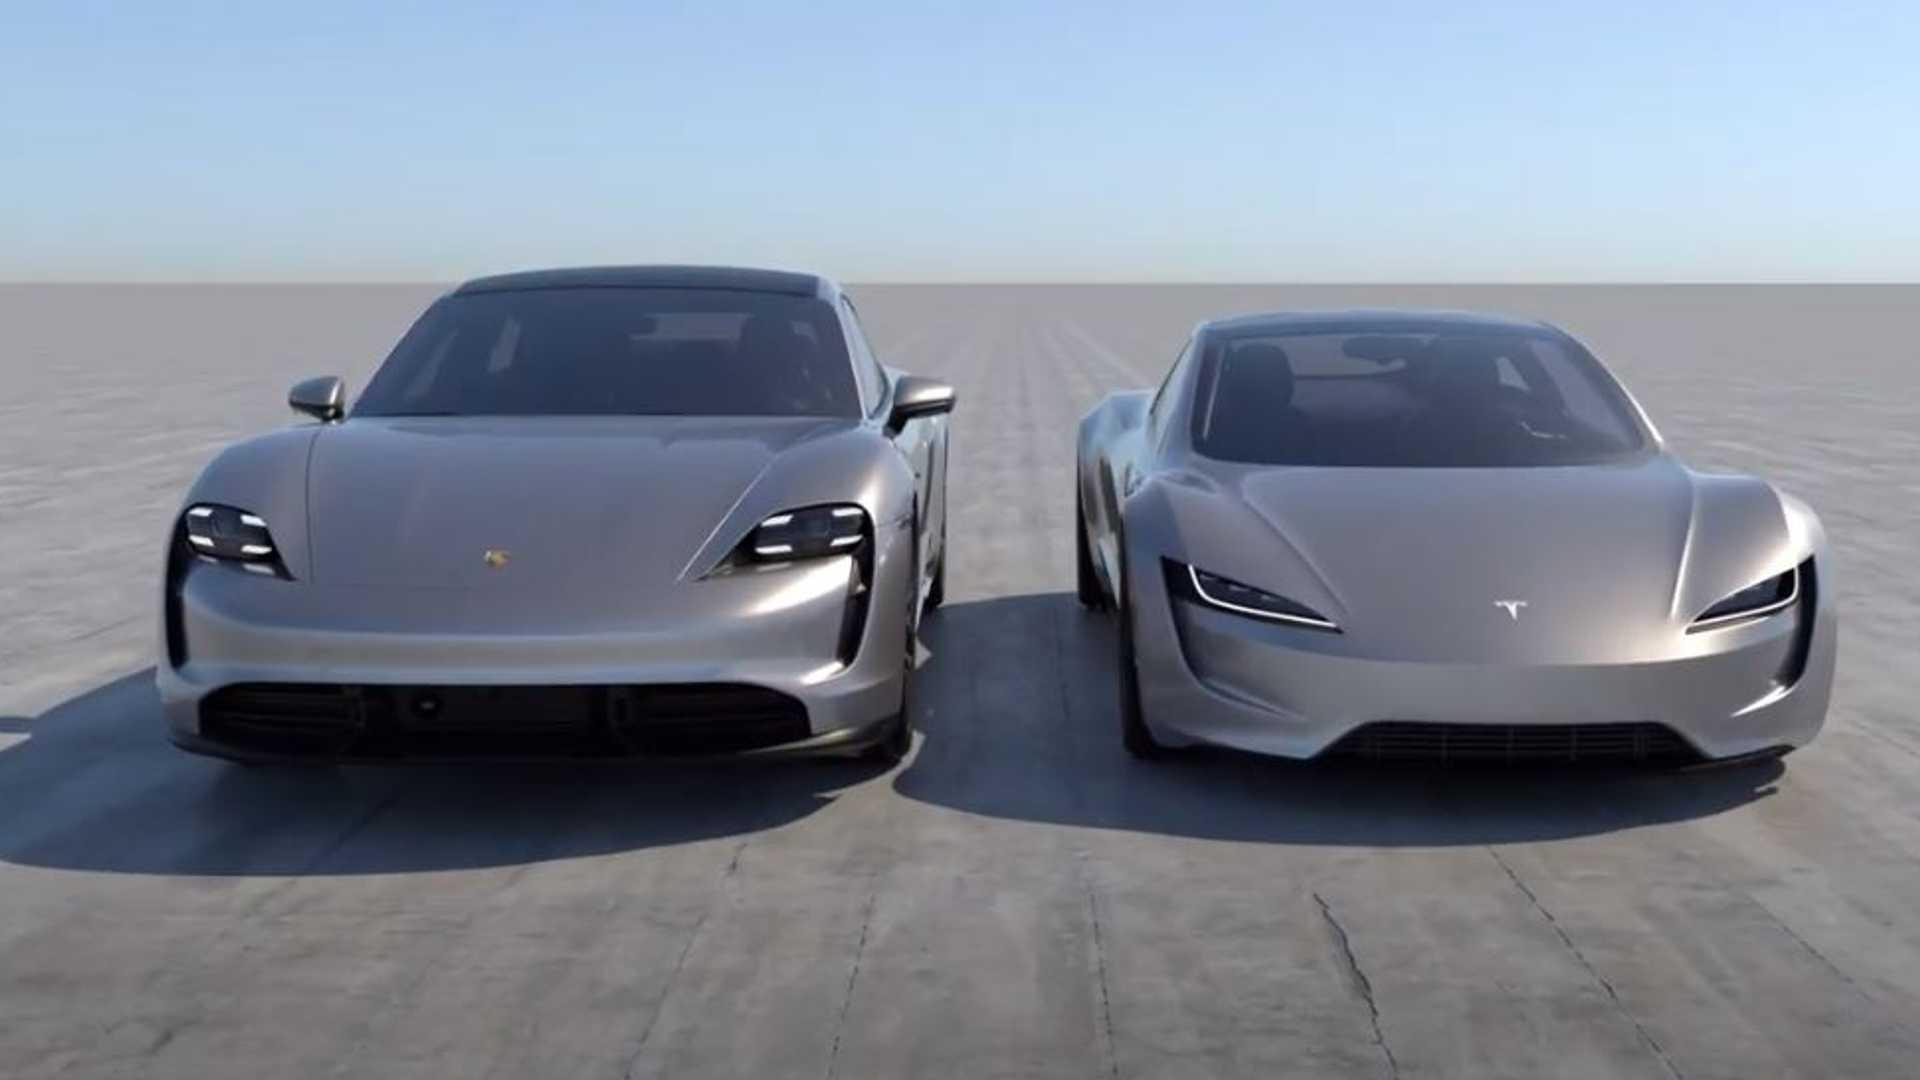 Смотрите новый родстер Tesla рядом с Porsche Taycan: разница в размерах огромна